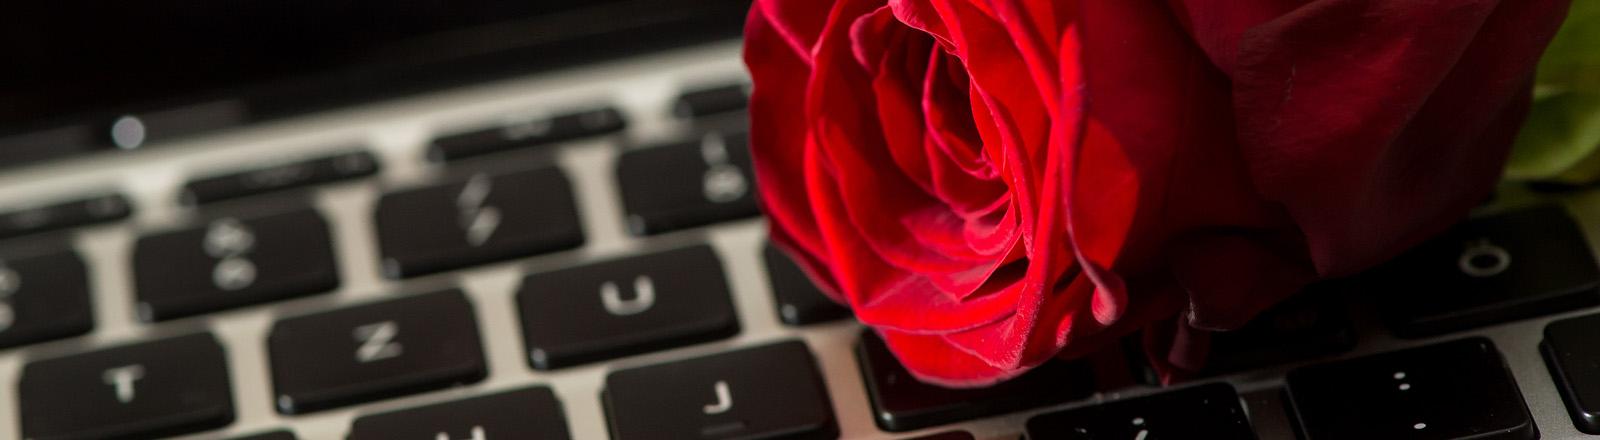 Rote Rose auf eine Computertastatur